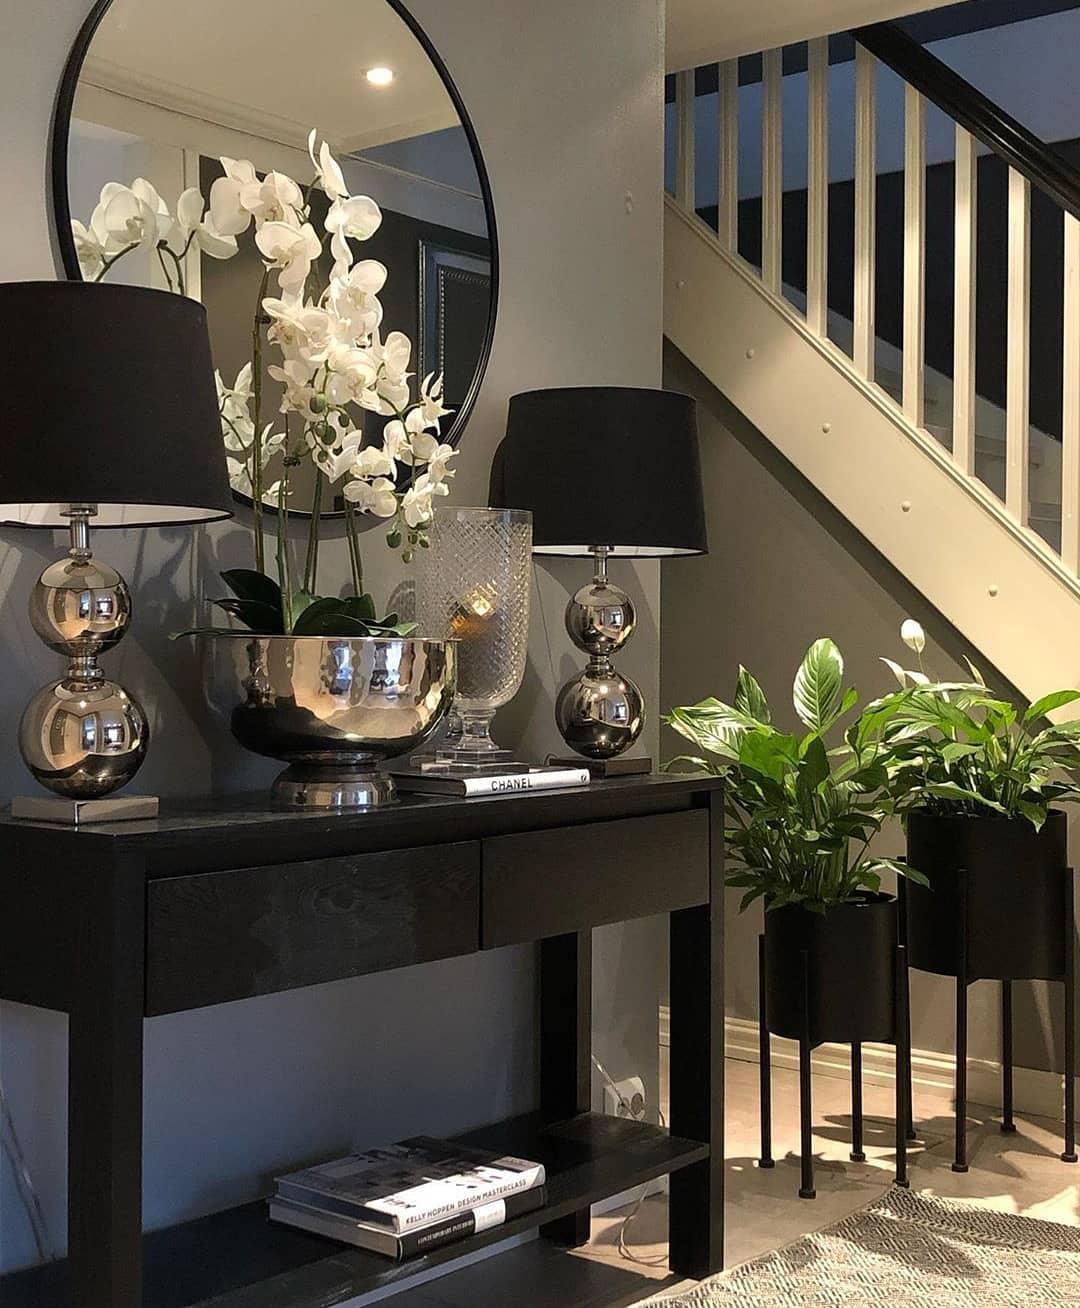 Tendencias en decoracion de interiores de casas pequeñas 2020 - 2020